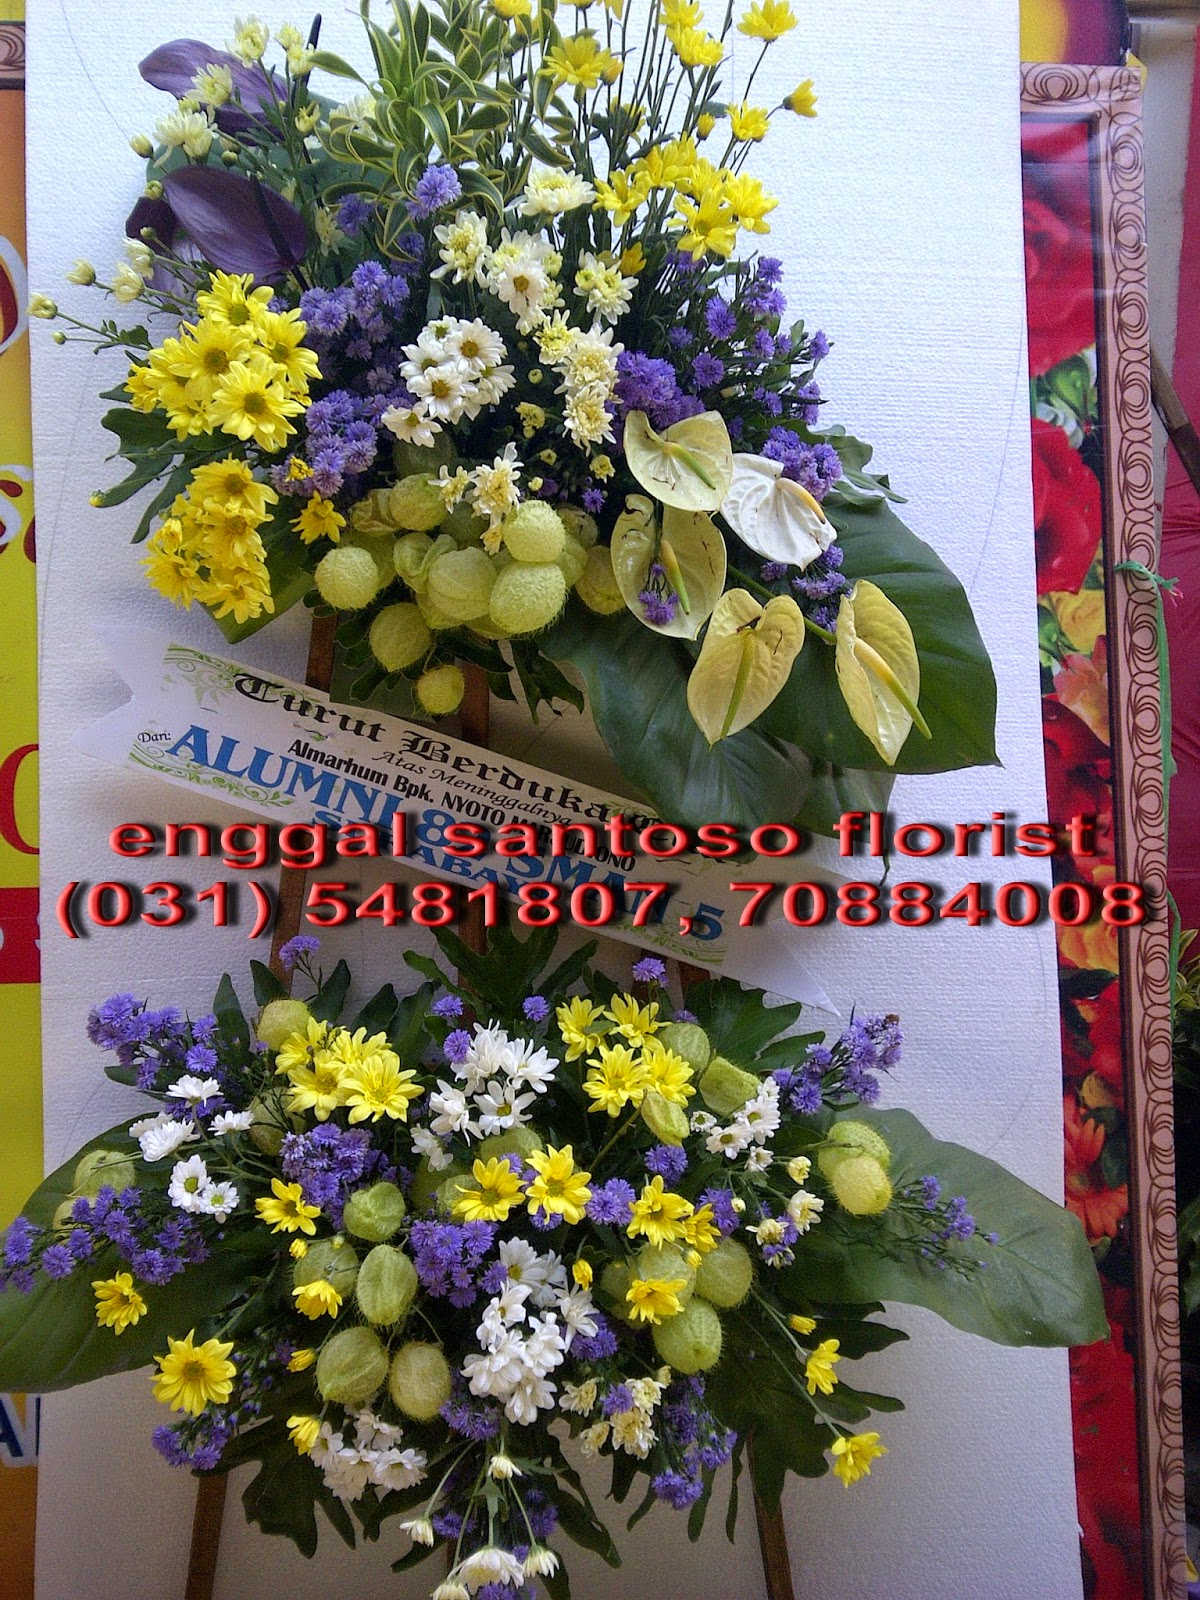 toko bunga gresik murah